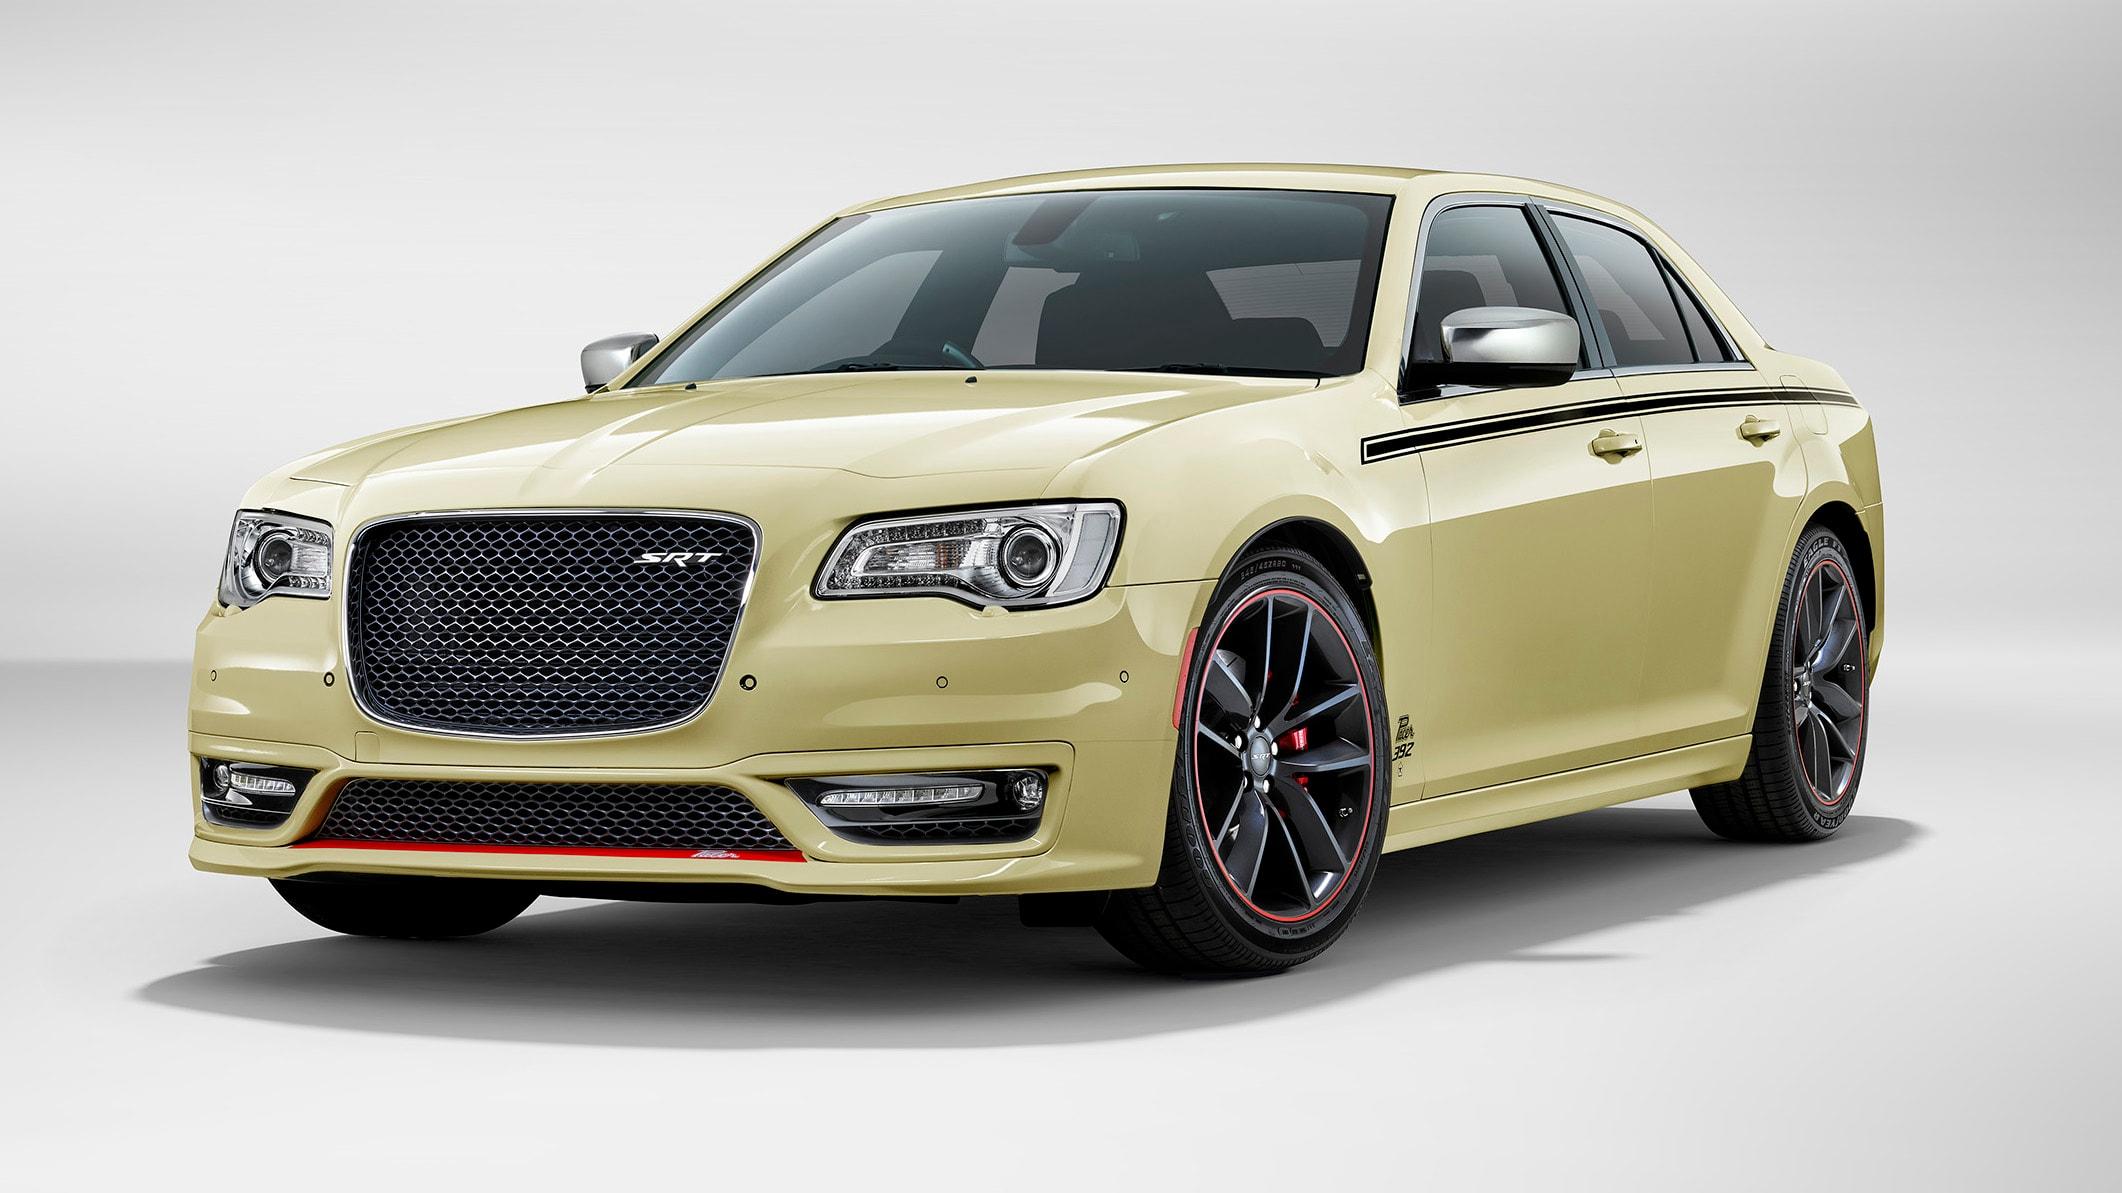 Australian Cars /& Transport Chrysler R Series Valiant Tin Sign